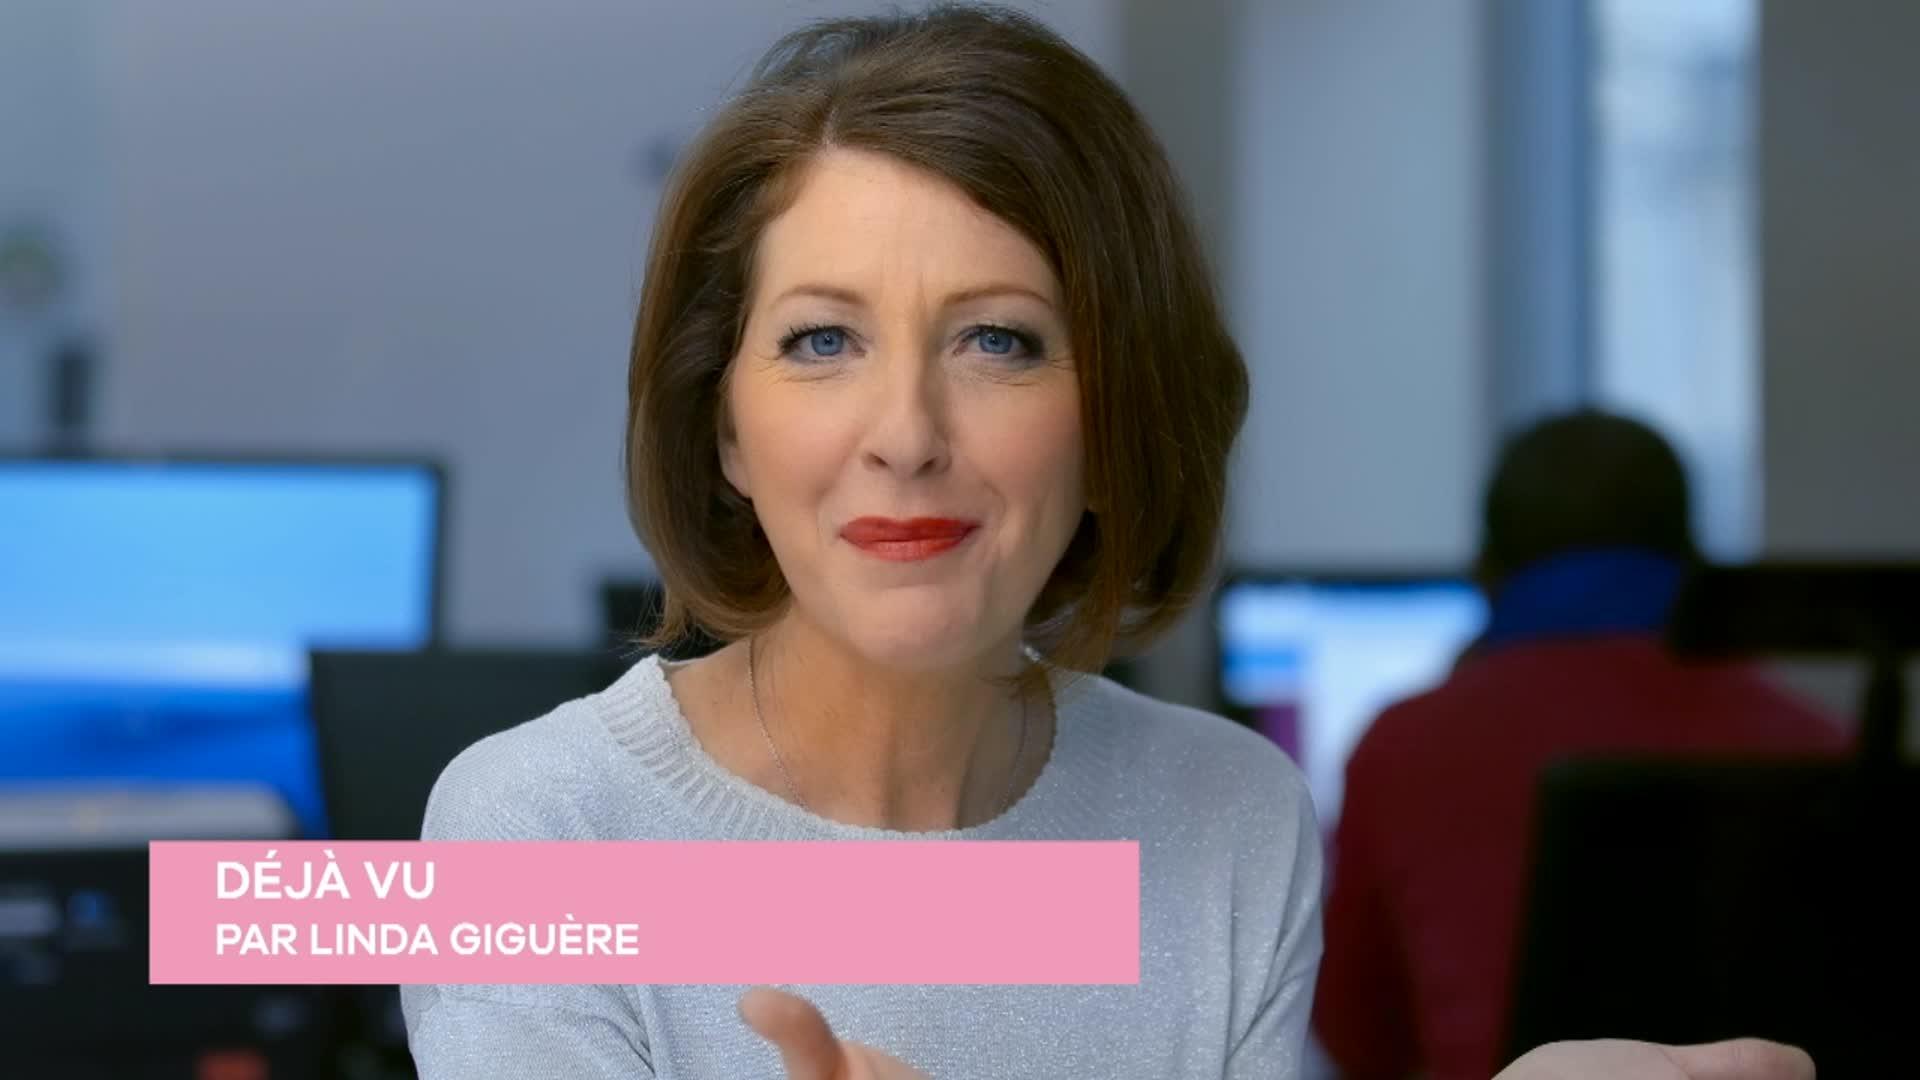 Linda Giguère - Déjà vu